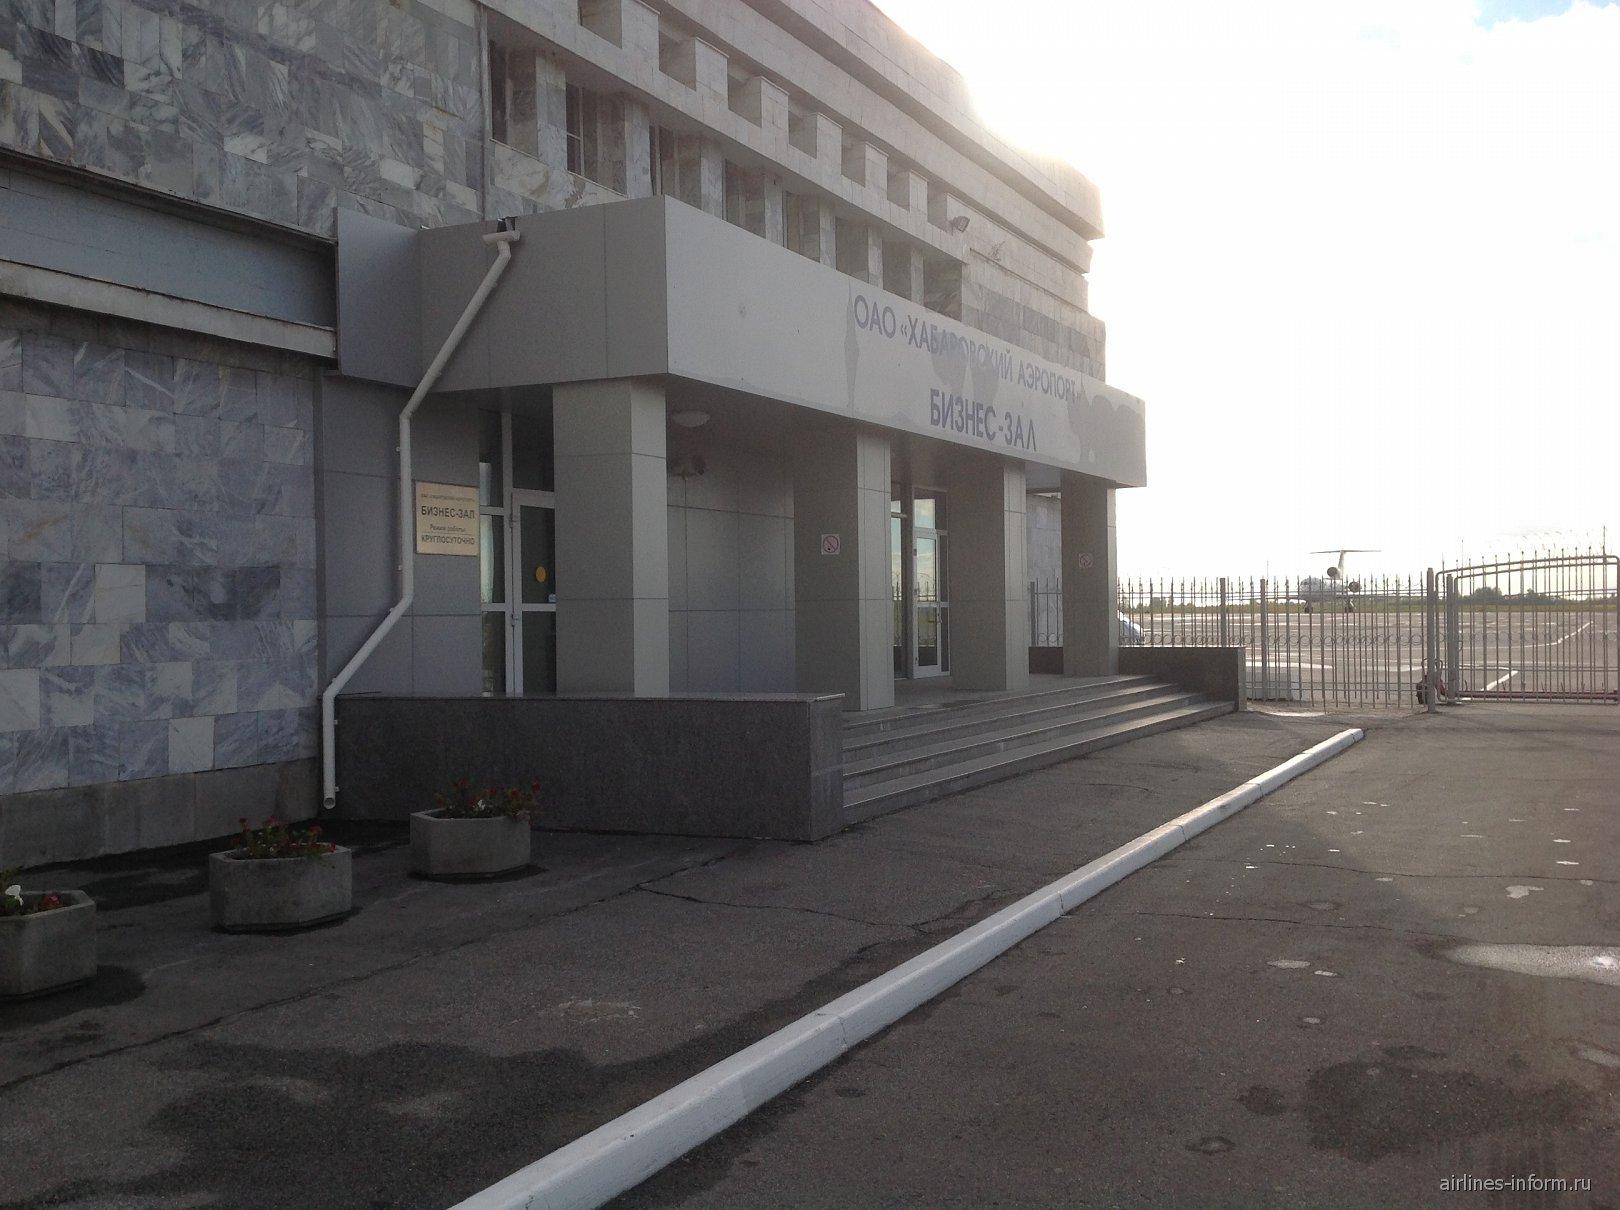 Вход в бизнес-зал аэропорта Хабаровск Новый